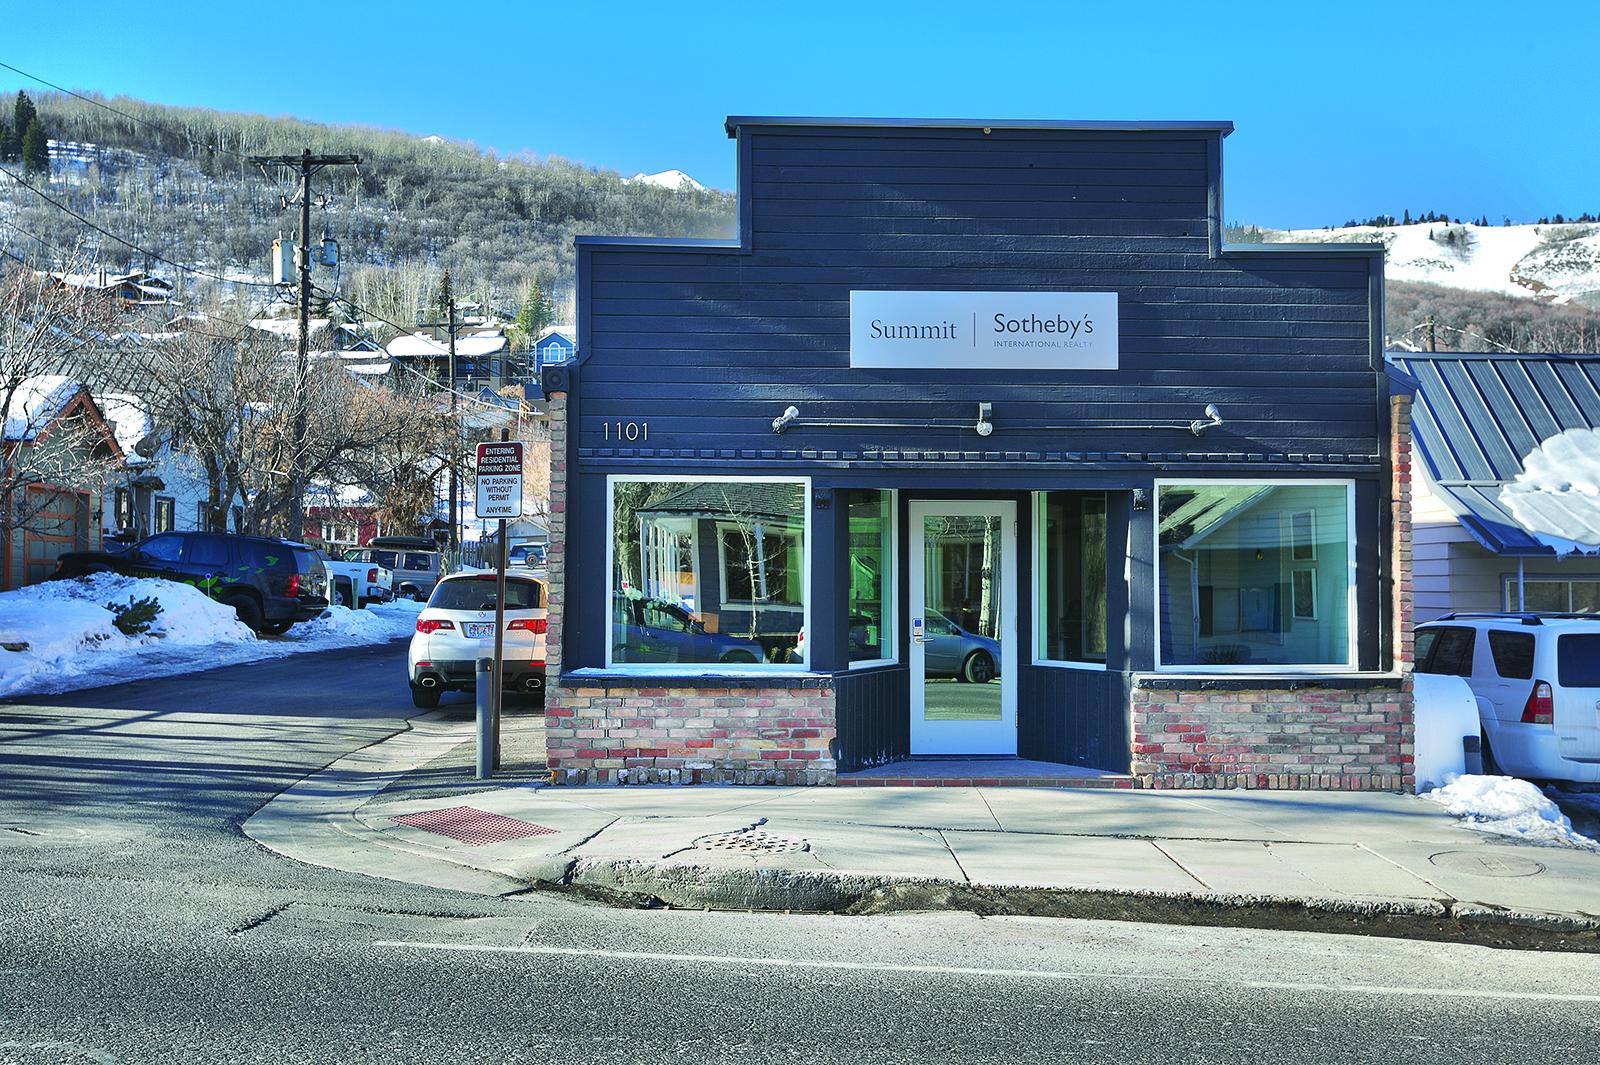 old town park city - 1101 Park AvenuePark City, Utah 84060